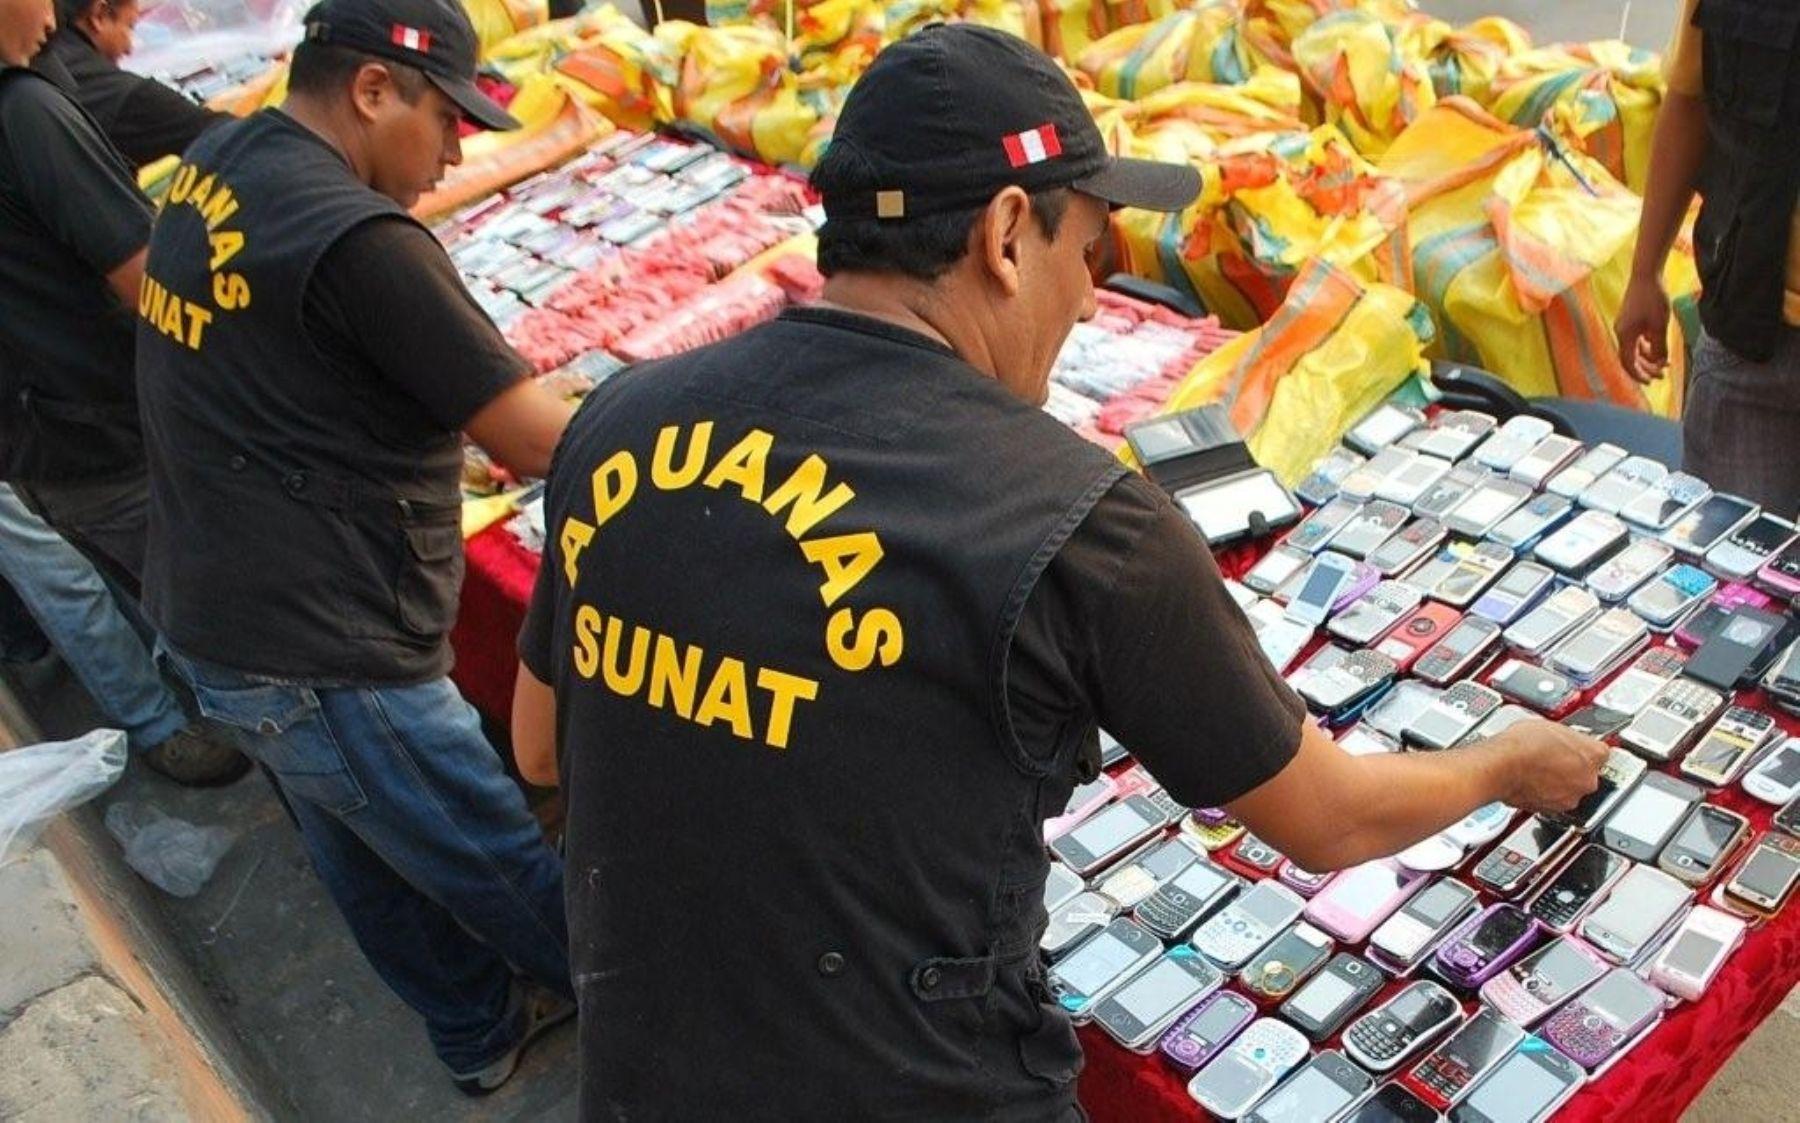 da18887d378 Teléfonos celulares fueron decomisados tras dos acciones de control que  efectuó la Sunat.